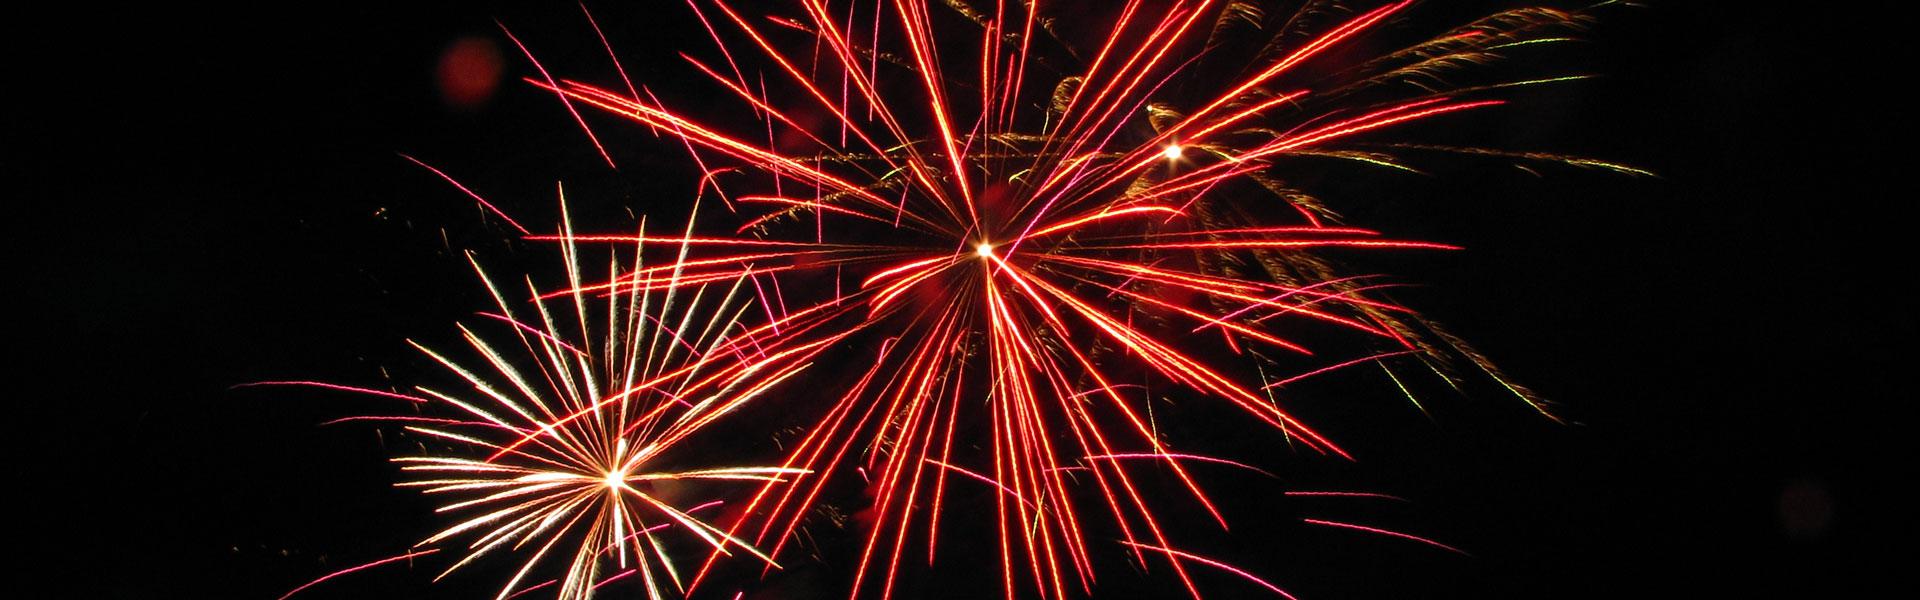 Fireworks-Slide-v2